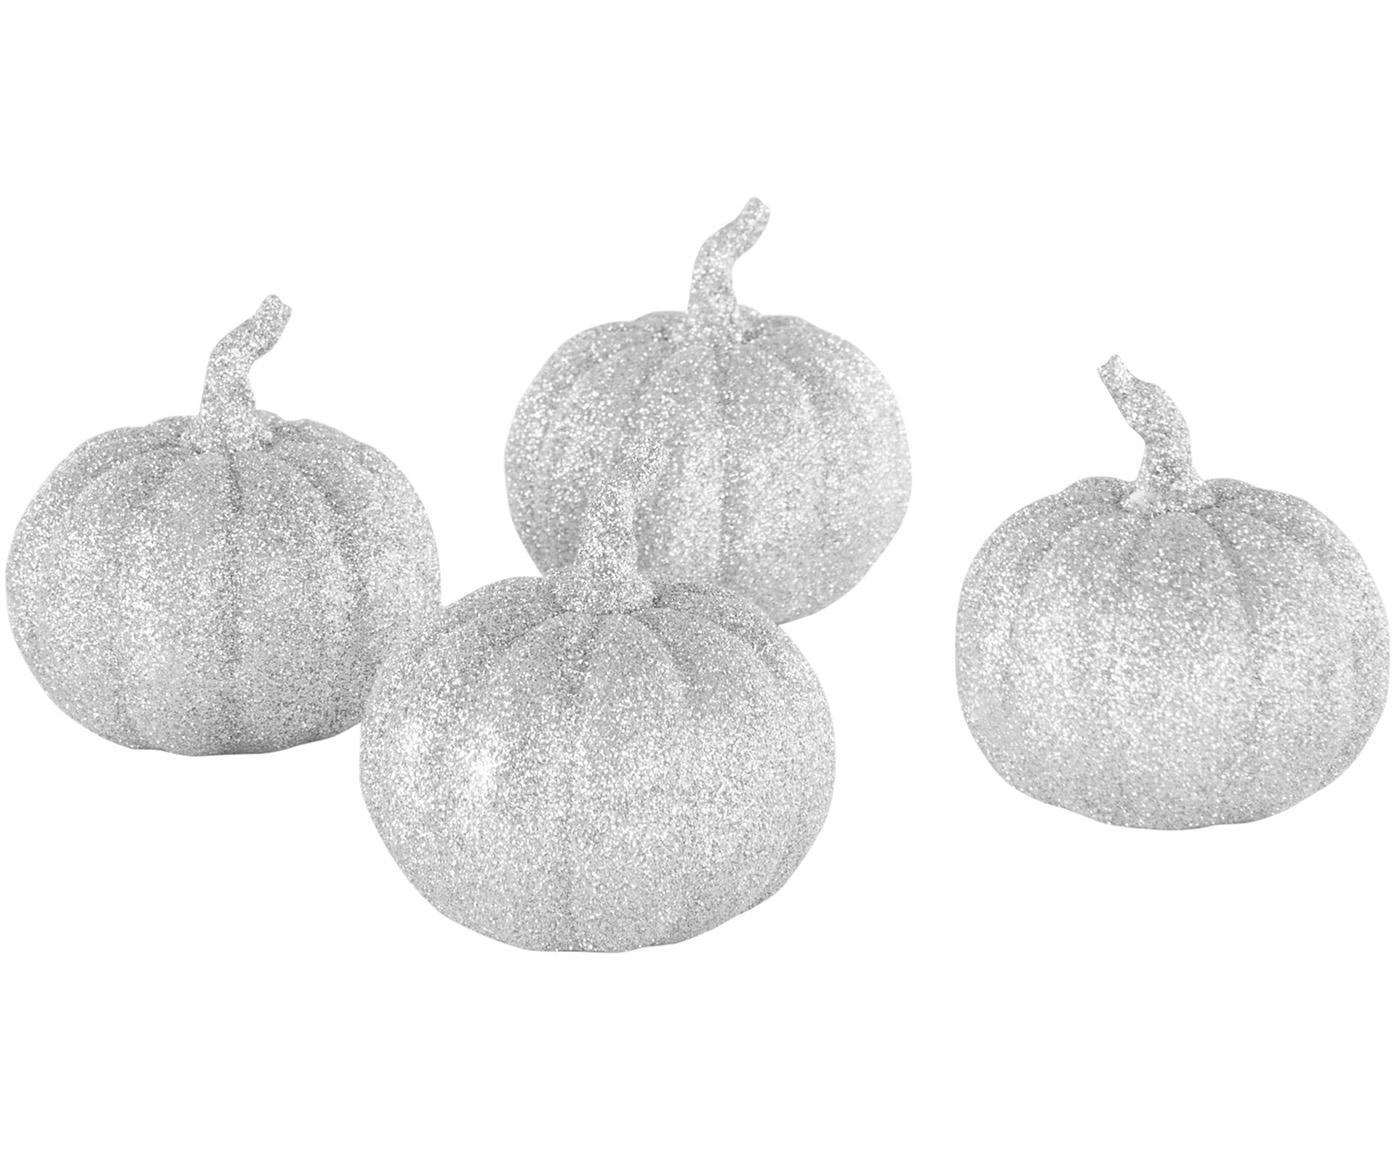 Deko-Kürbis Dixie, 4 Stück, Polyresin, Silberfarben, Ø 9 x H 9 cm